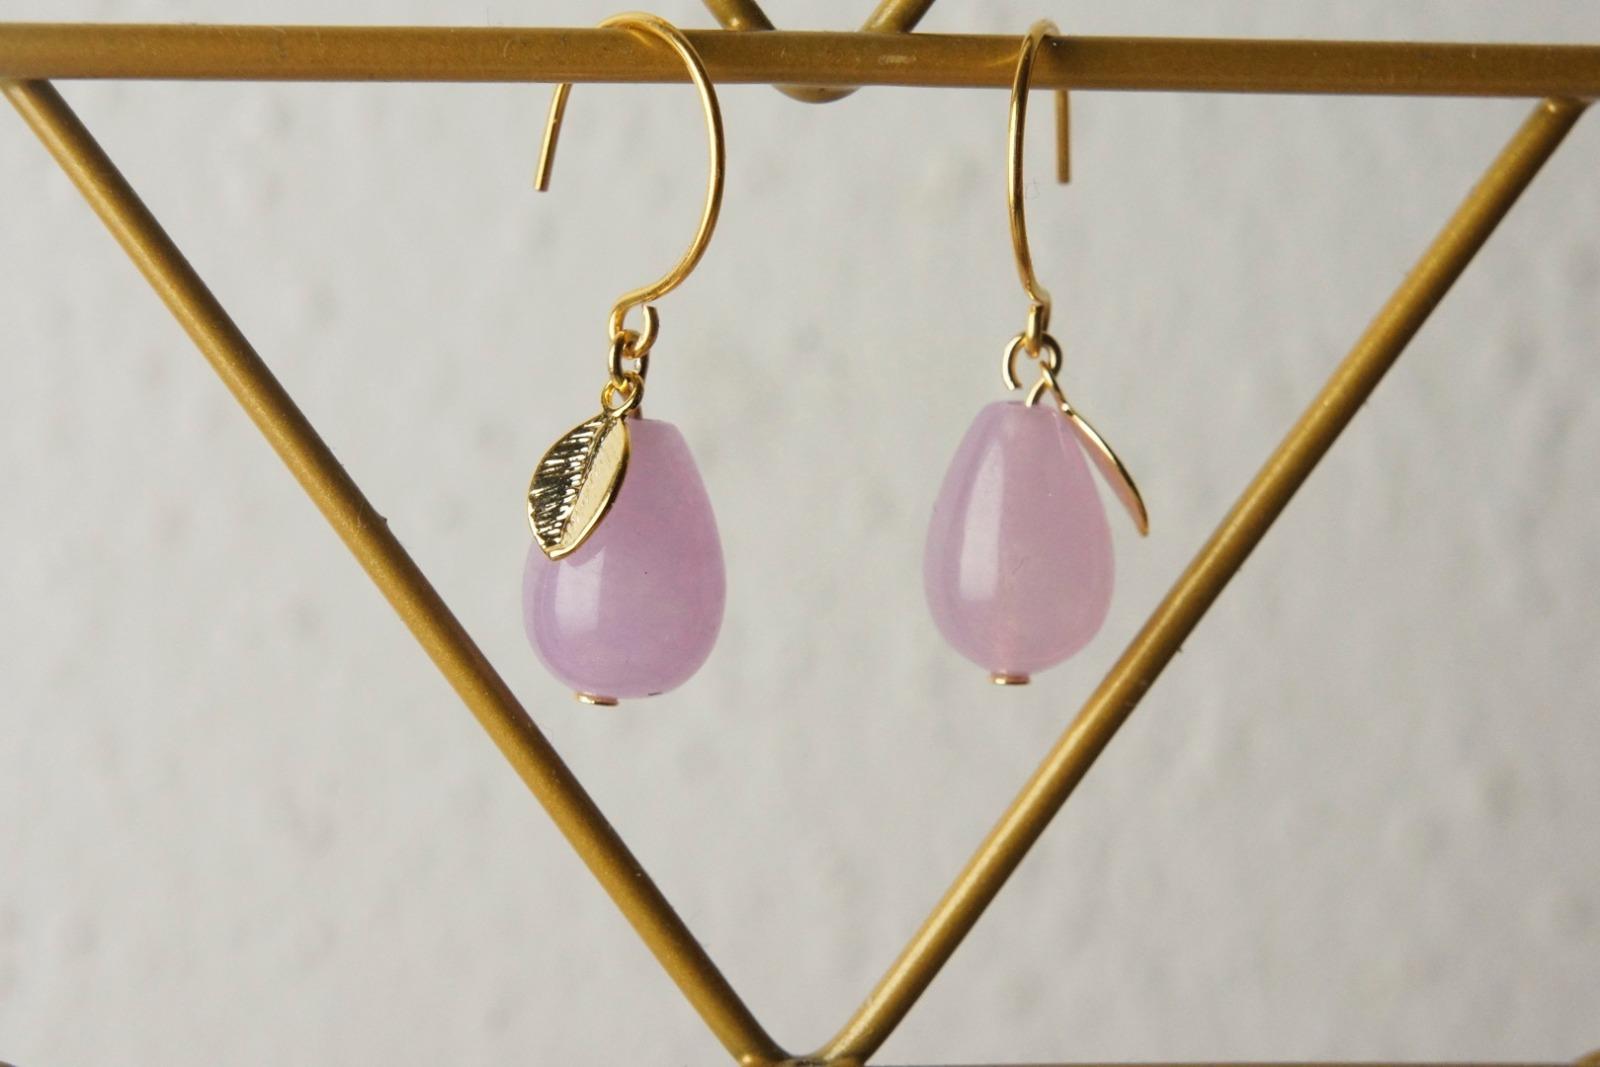 Ohrhänger vergoldet mit Tropfen aus rosa